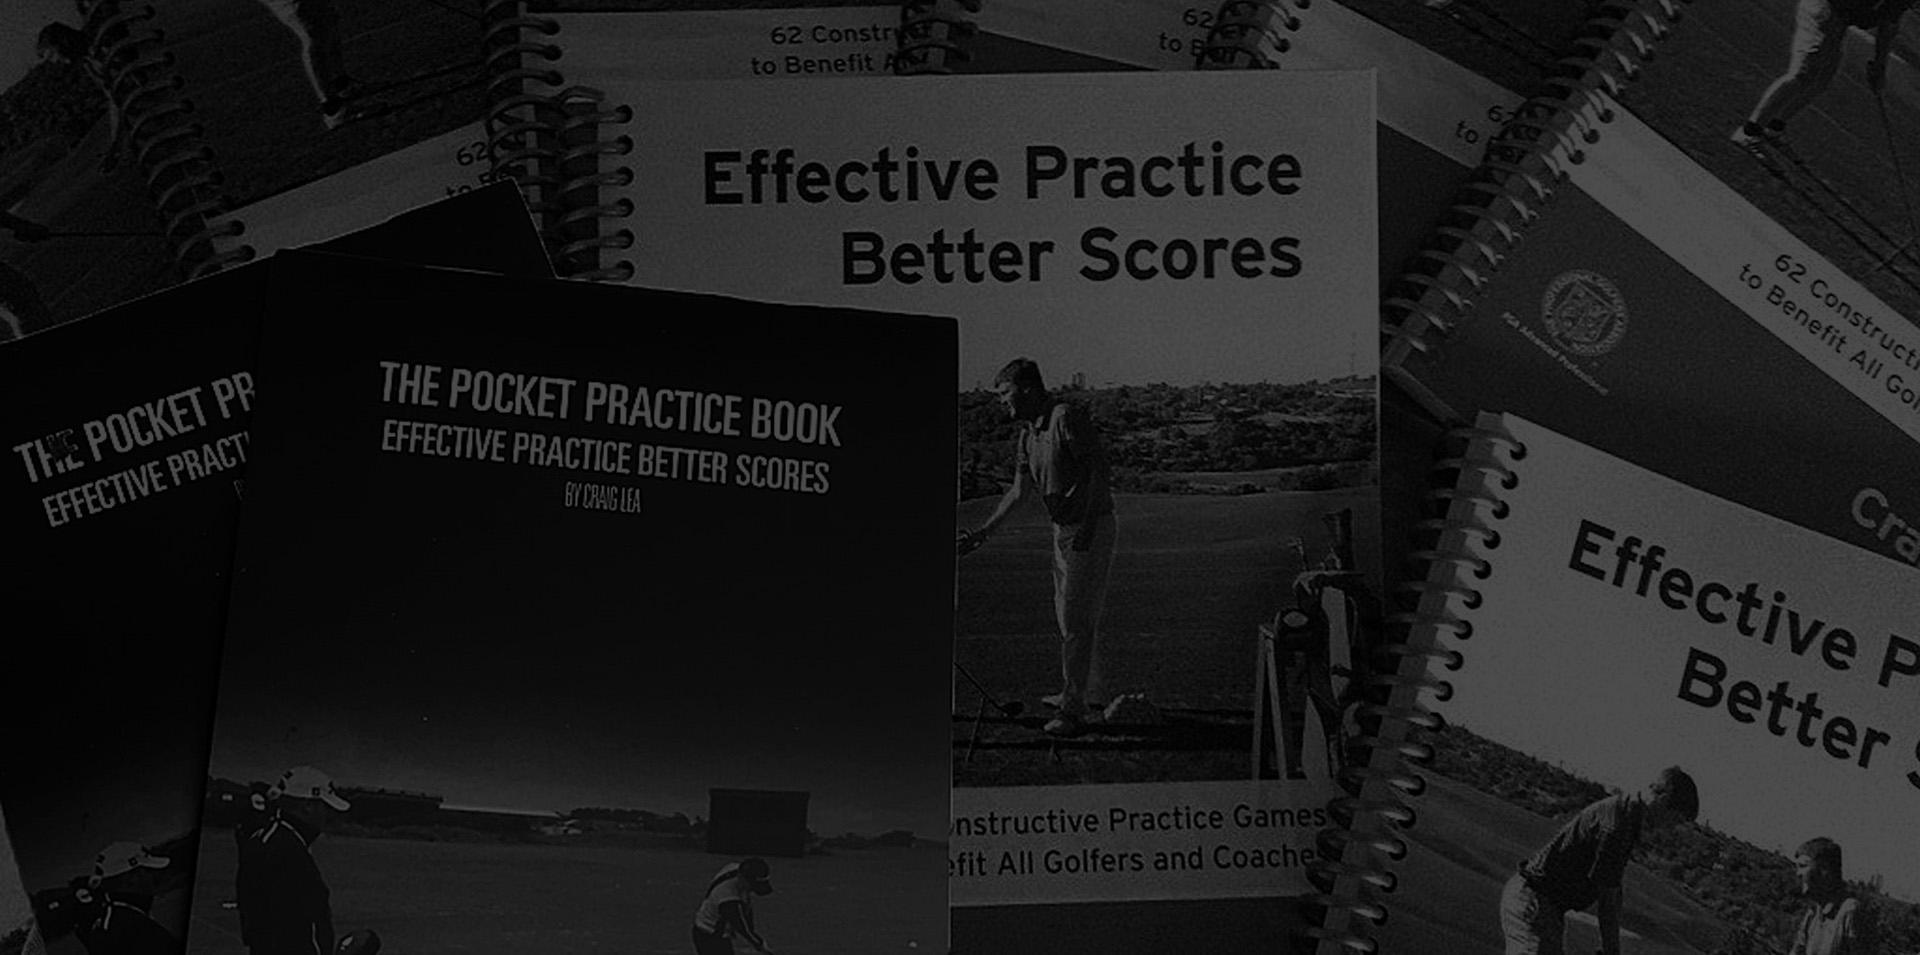 Effective Practice better scores